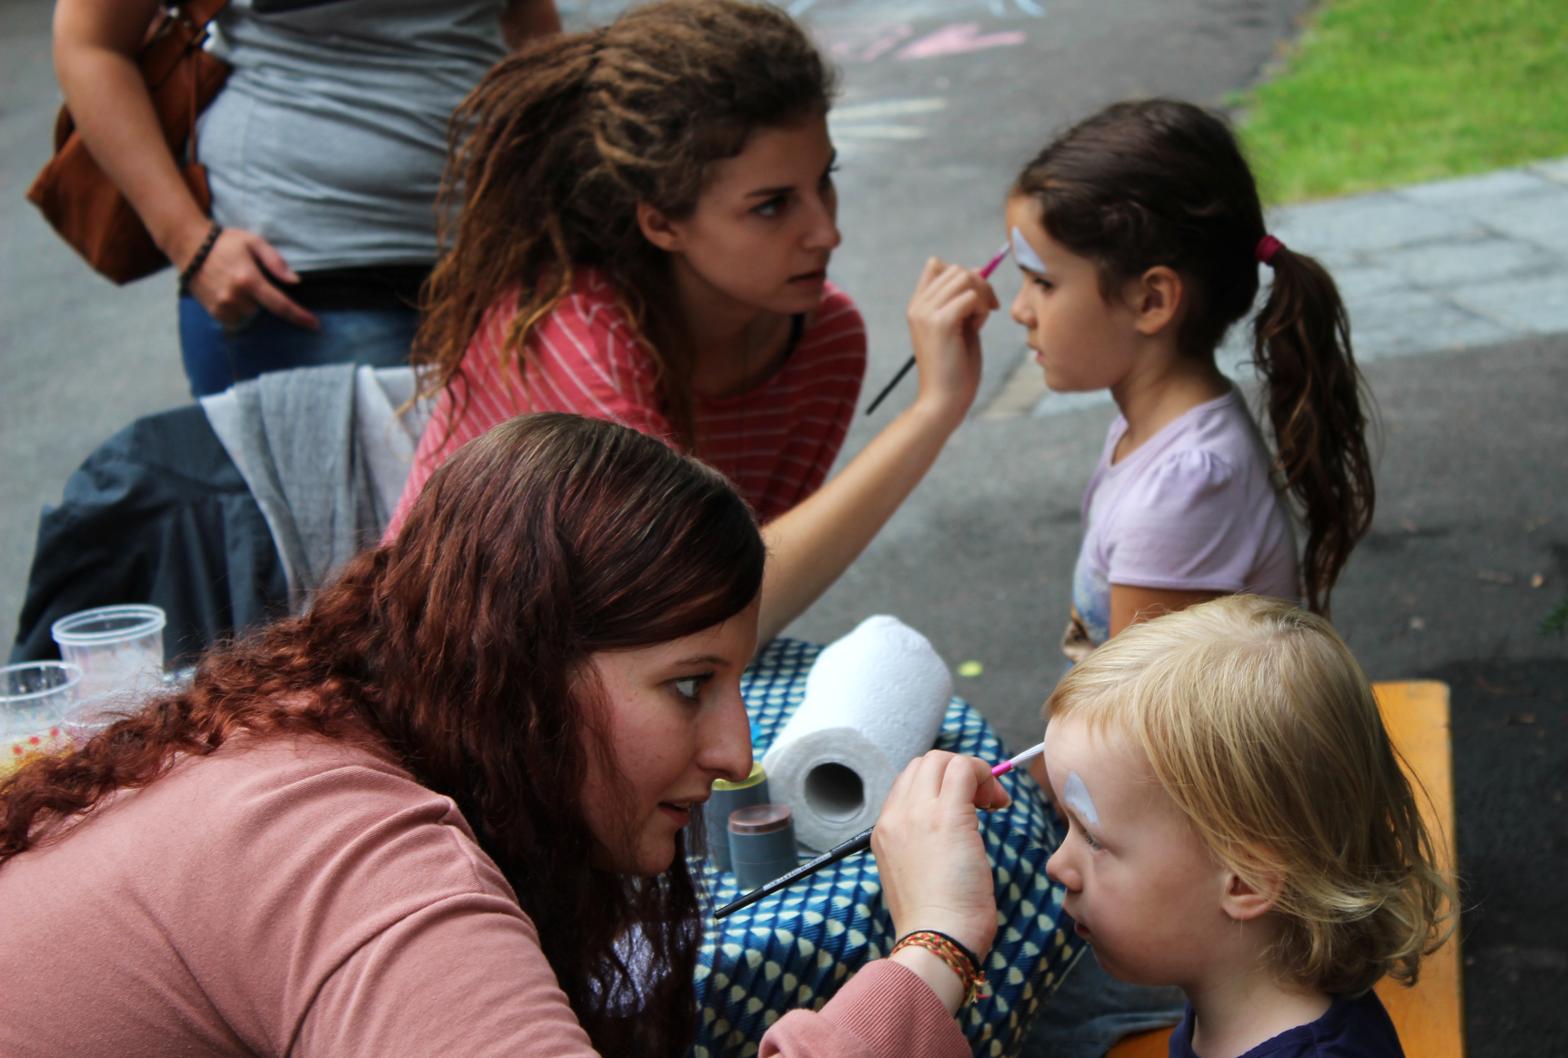 Zur grossen Freude der kleinen Gäste gab es auch Kinderschminken. Vielen Dank an die beiden Damen, die Kunstwerke auf die Gesichter malten.